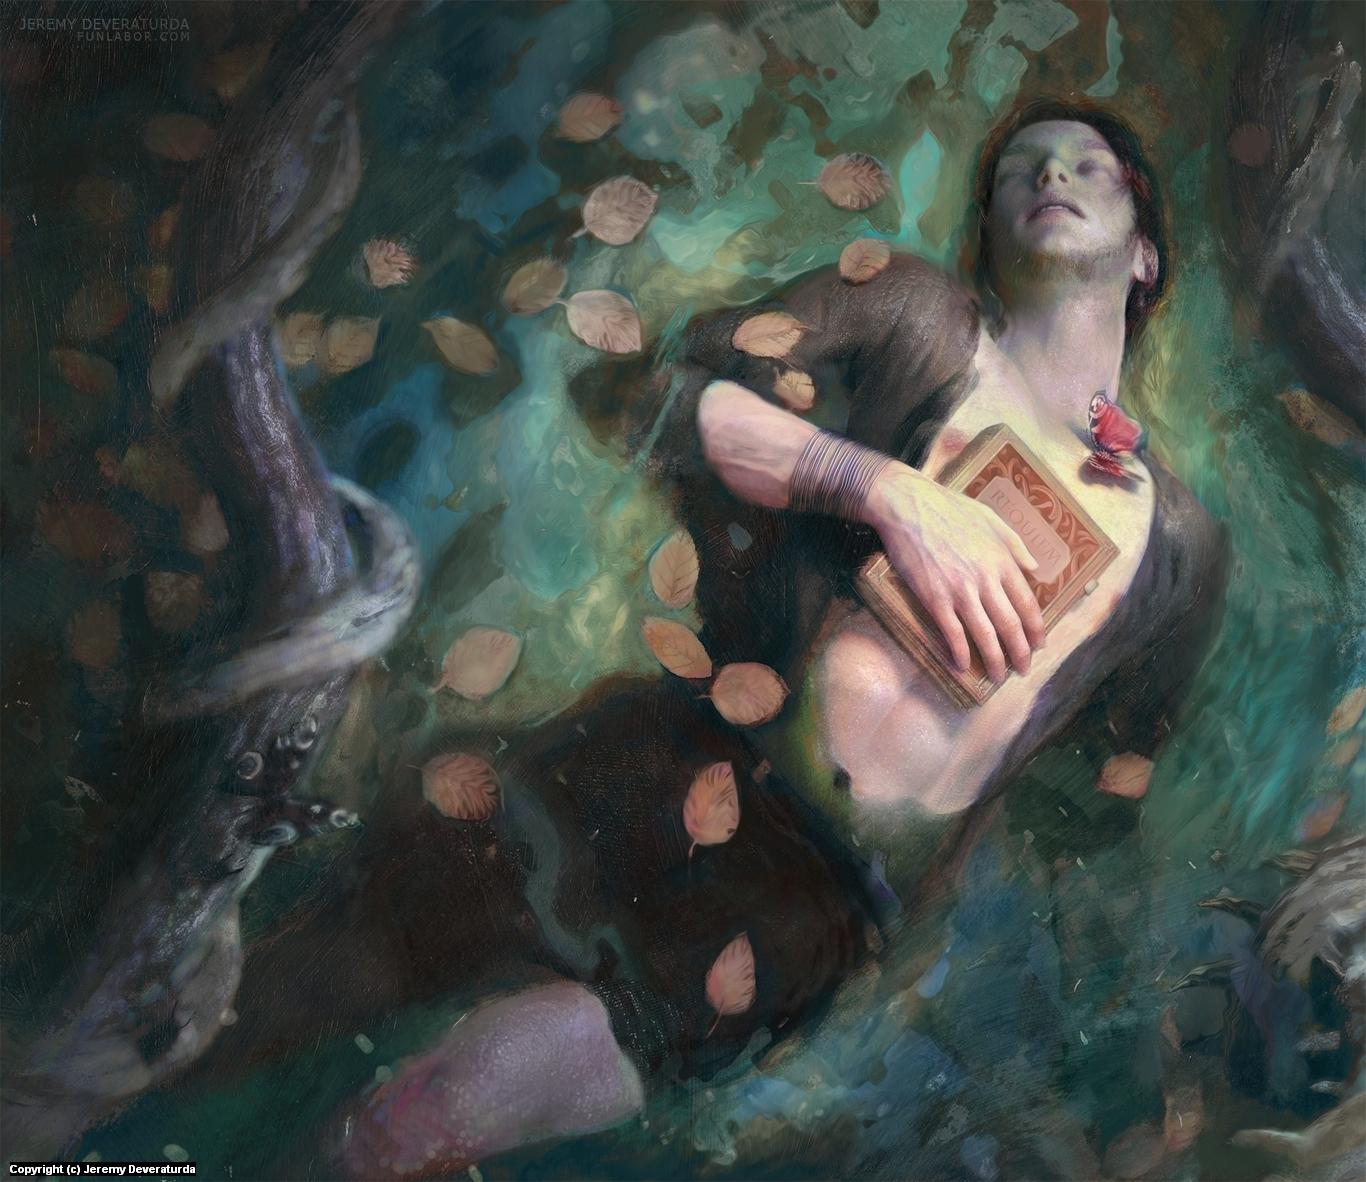 Requiem (Warm Version) Artwork by Jeremy Deveraturda